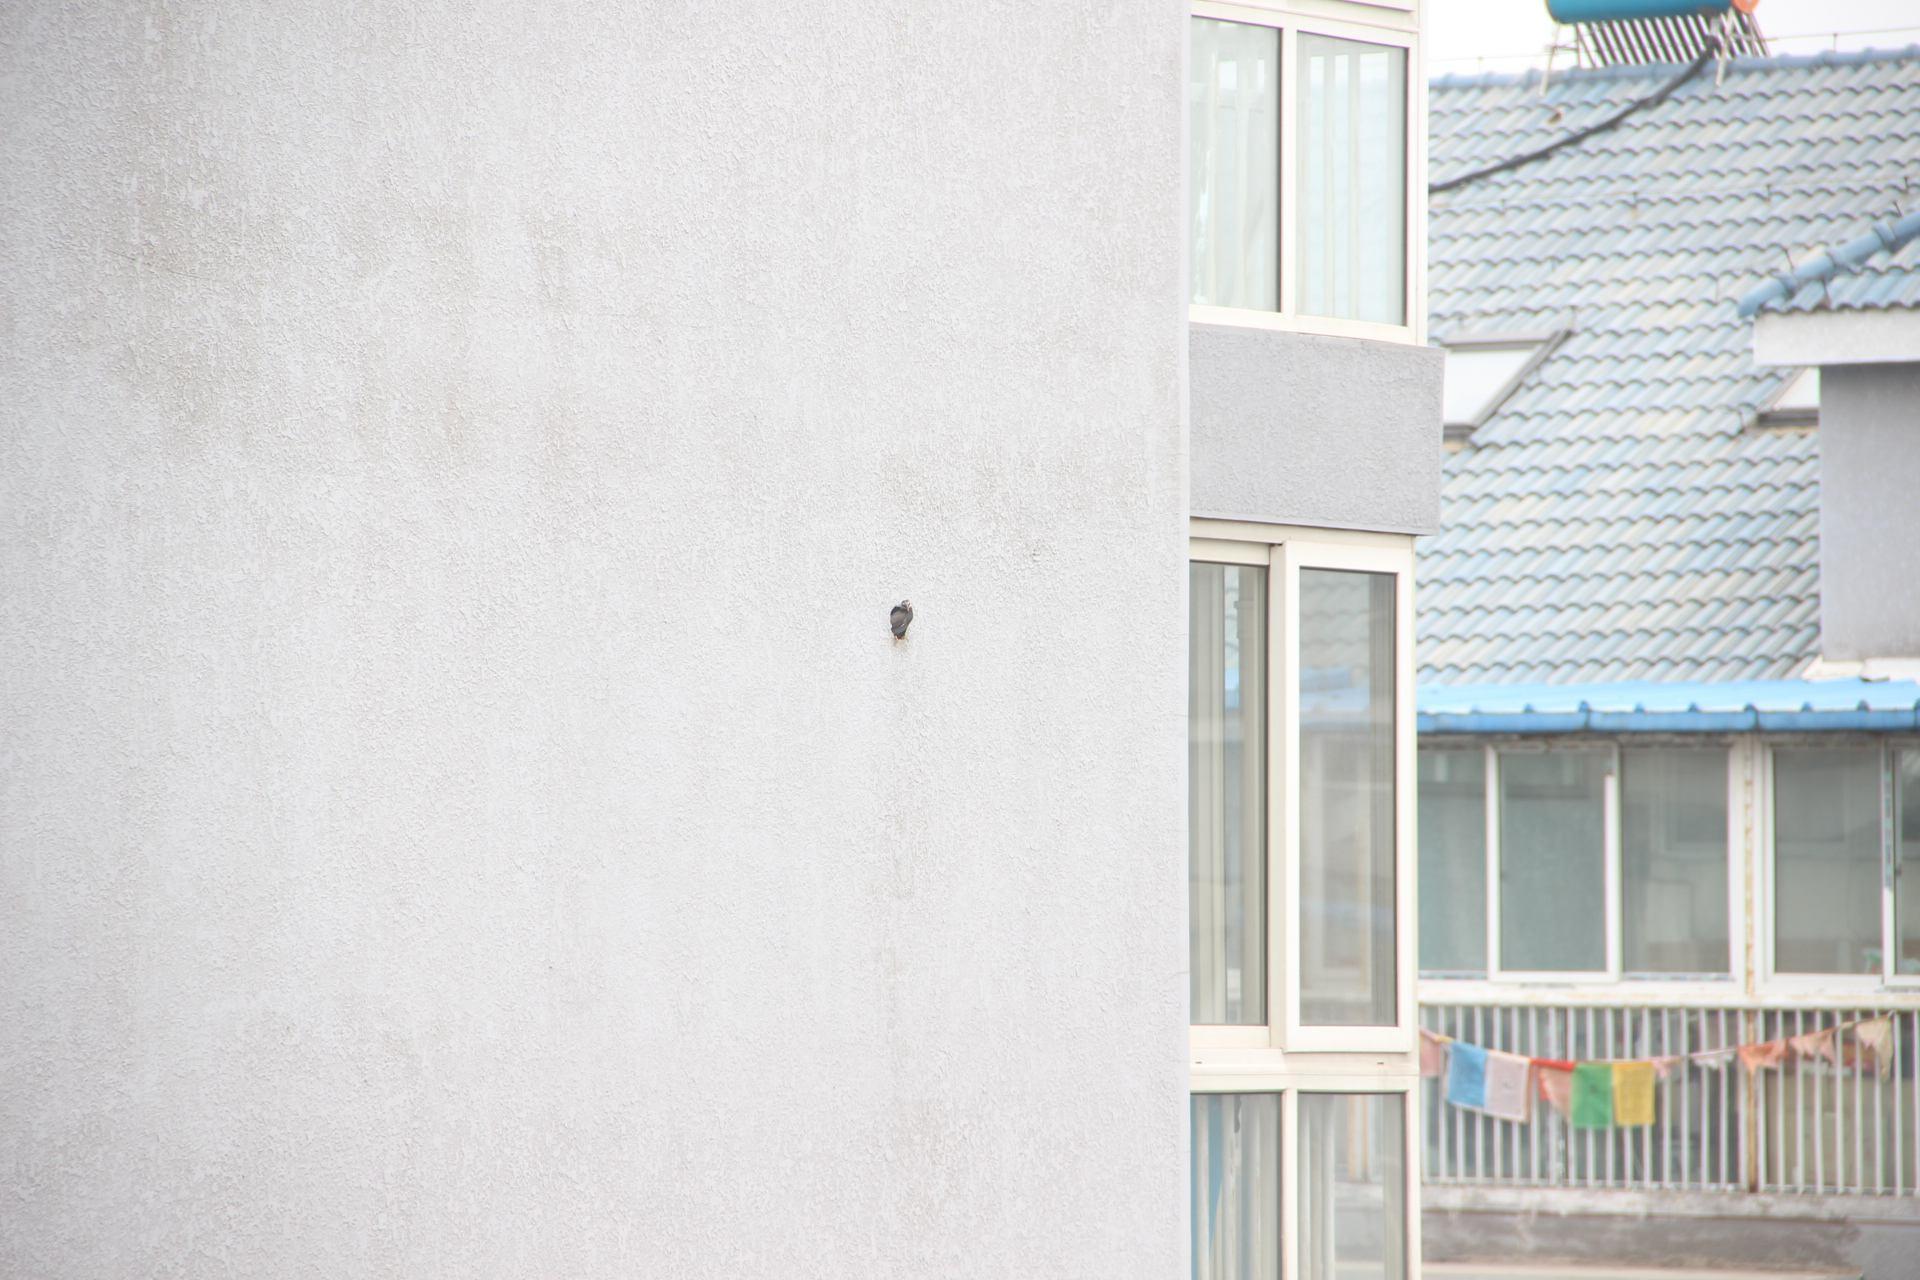 图a-24 我在阳台上拍的,这个洞应该是用来穿空调外机的管道的